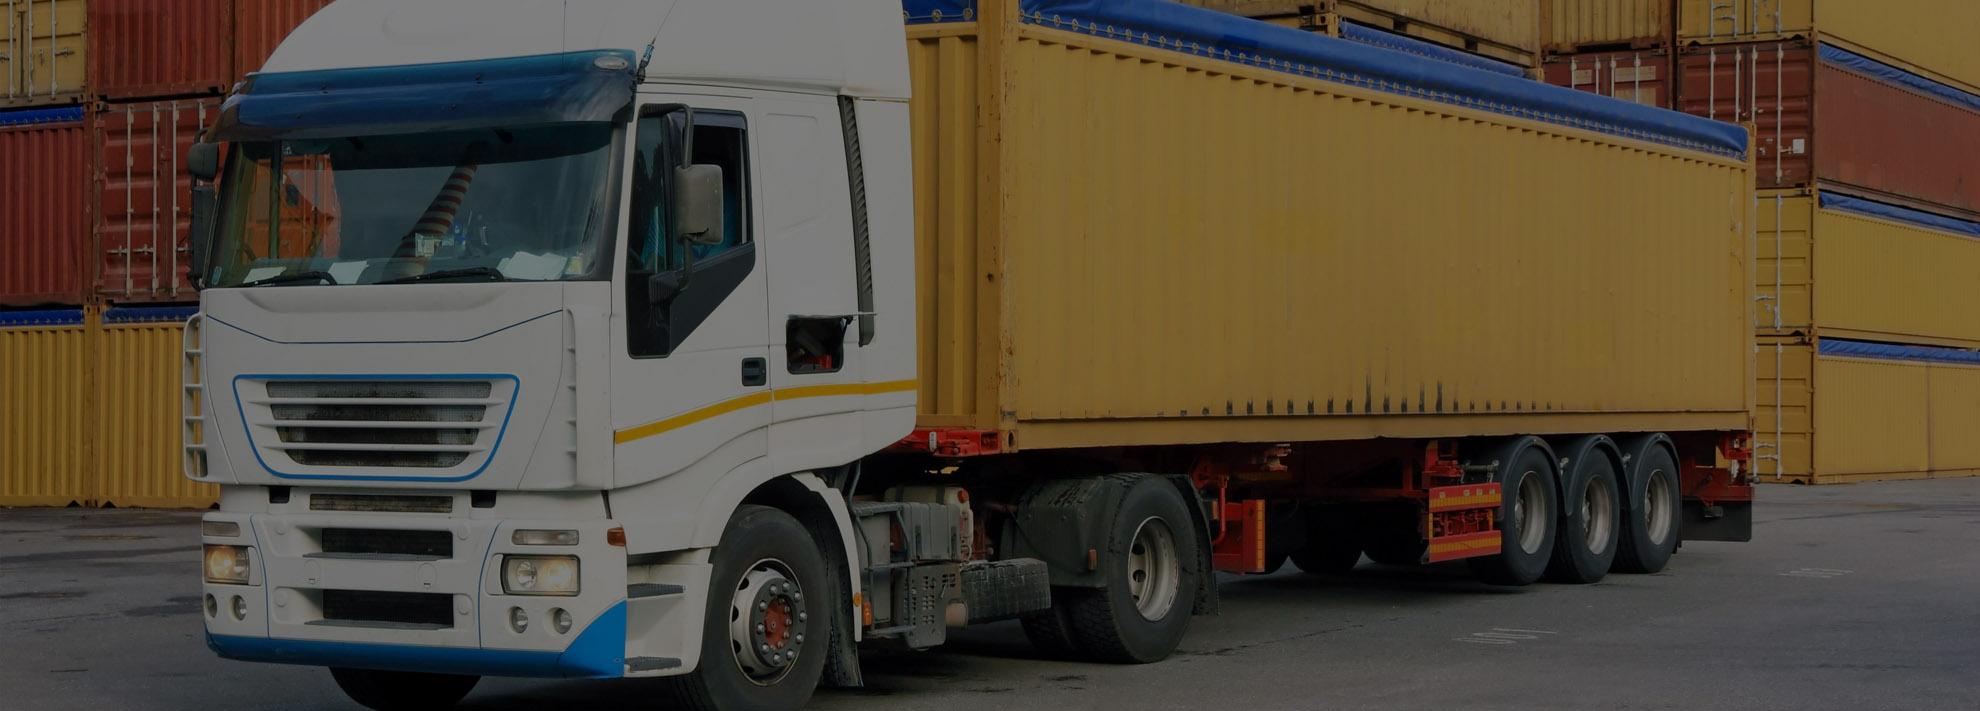 Прогнози за транспортния пазар в Германия. Какво могат да очакват превозвачите?